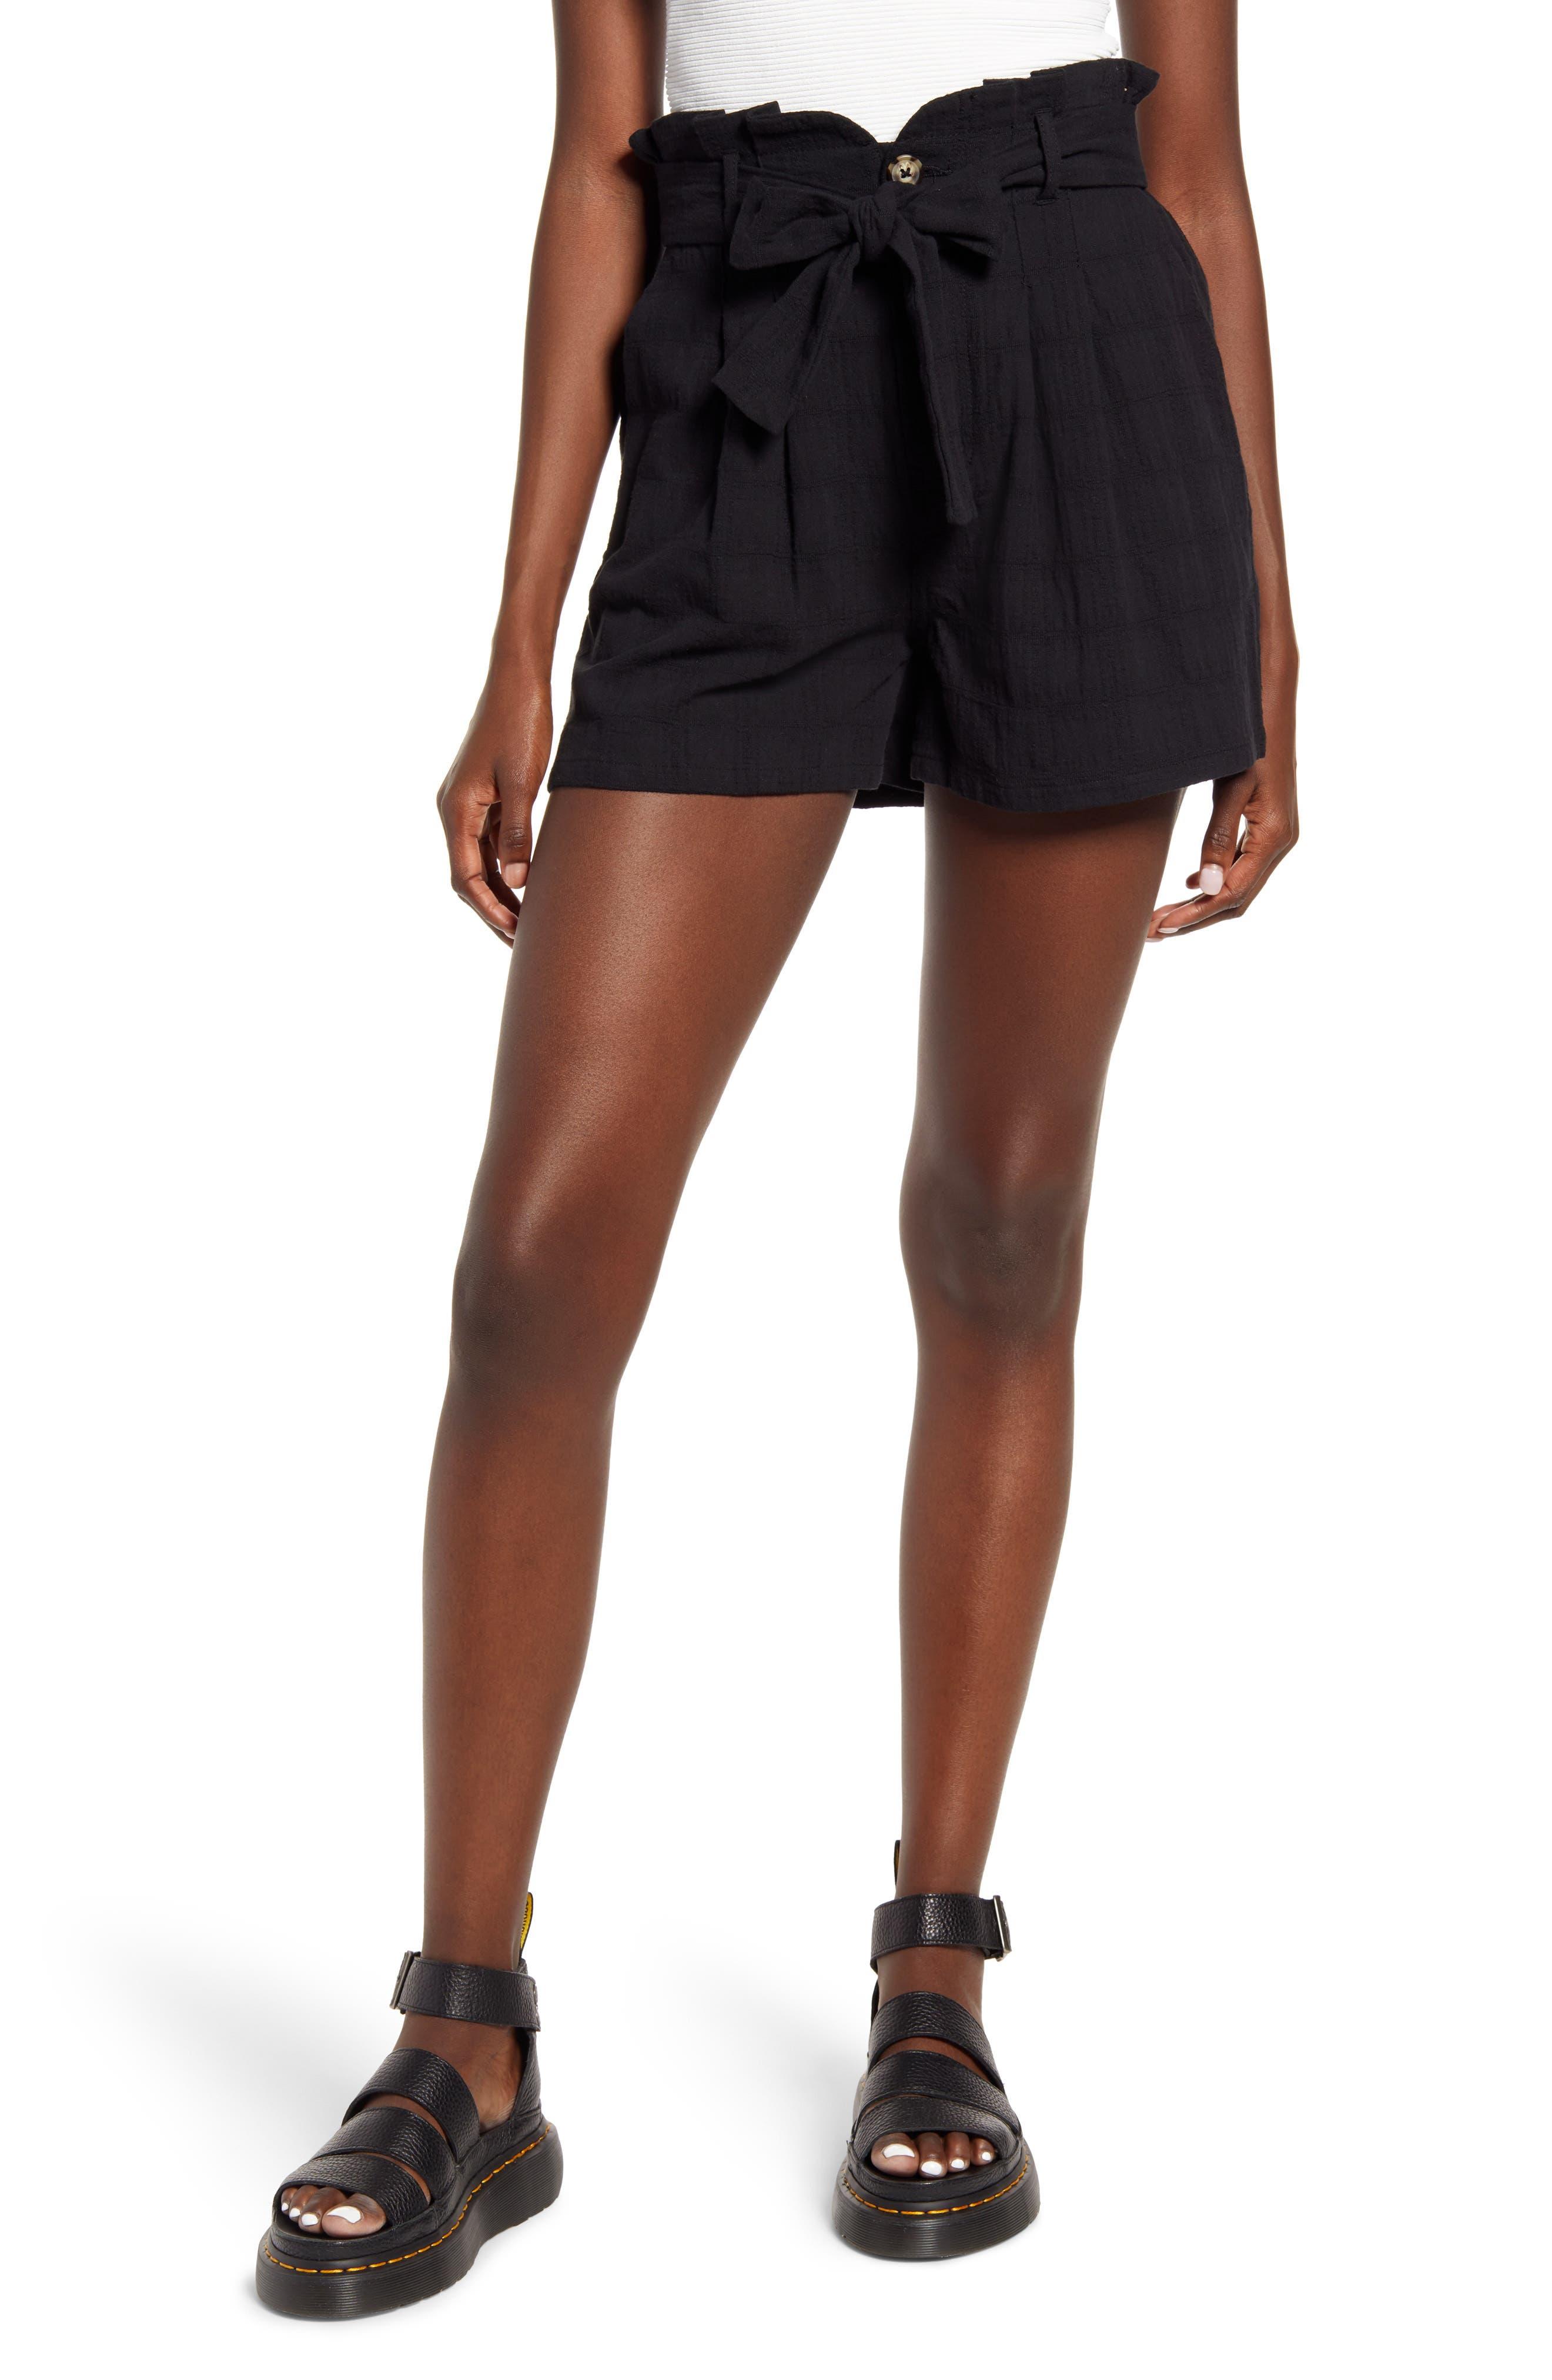 Image of GOOD LUCK GEM High Waist Paperbag Shorts